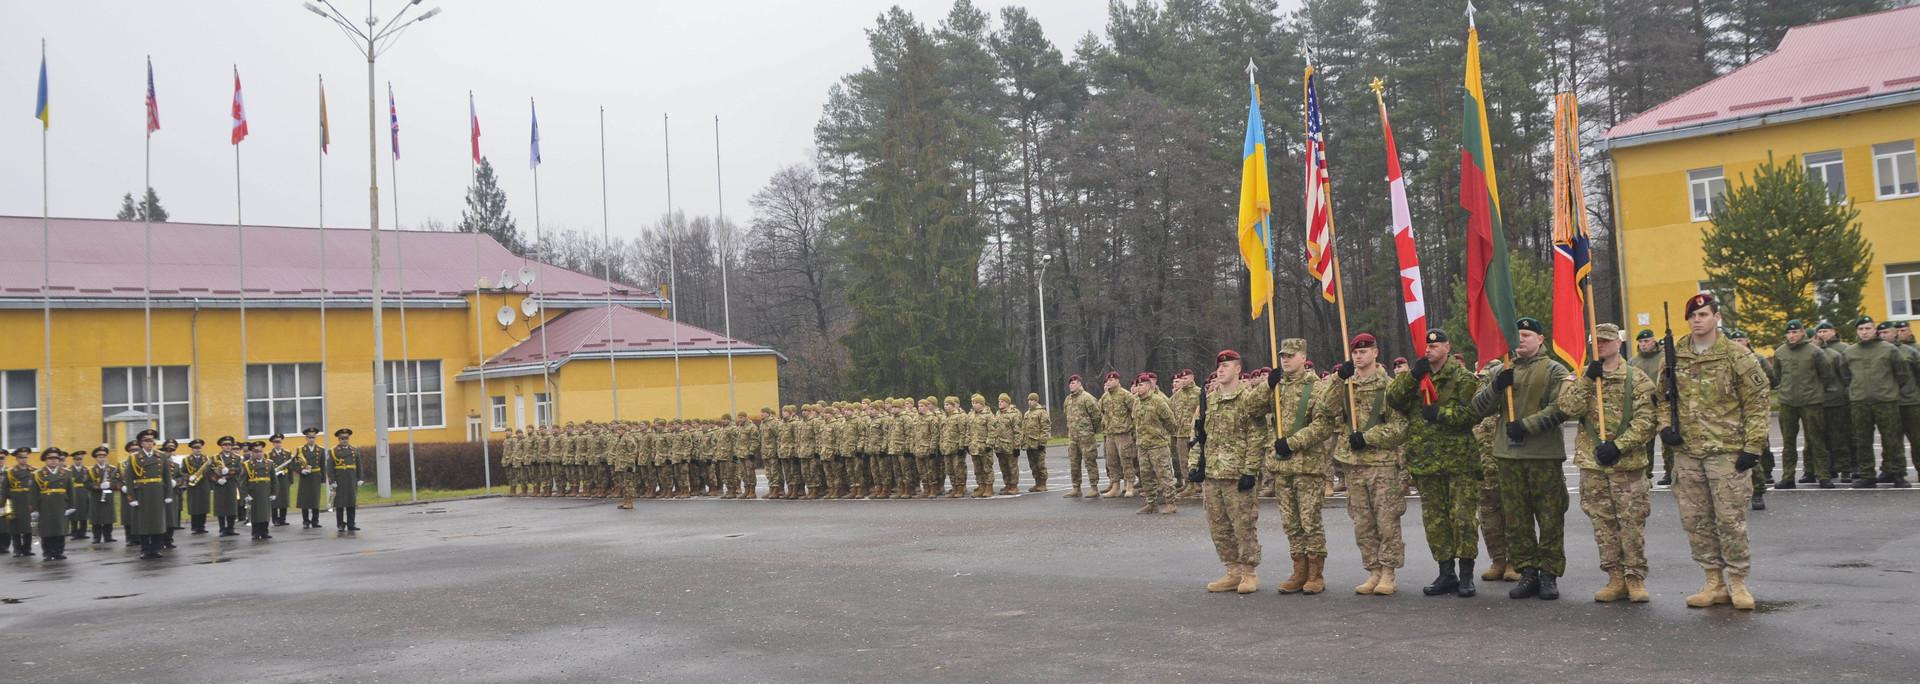 """Soldaten der multinationalen Ukraine-Trainingsgruppe bei der Eröffnungszeremonie am 15. November zum Ausbilungsmanöver """"Fearless Guardian II (Furchtloser Wächter II) im Ausbildungszentrum in Yavoriv, Ukraine"""